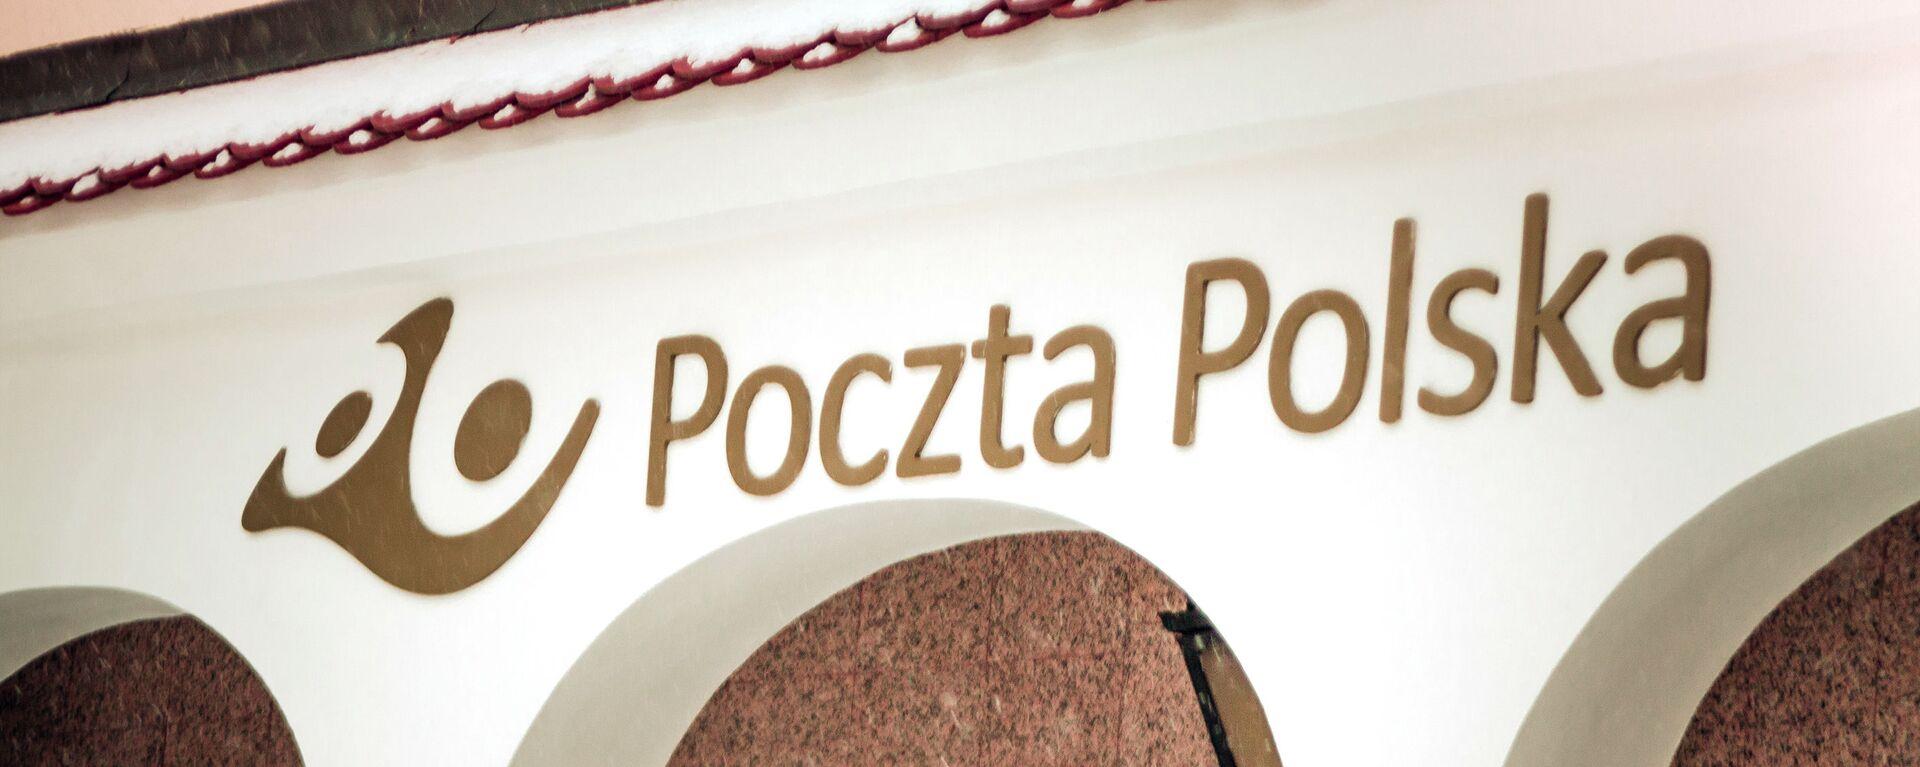 Poczta Polska w Zamościu - Sputnik Polska, 1920, 18.12.2020